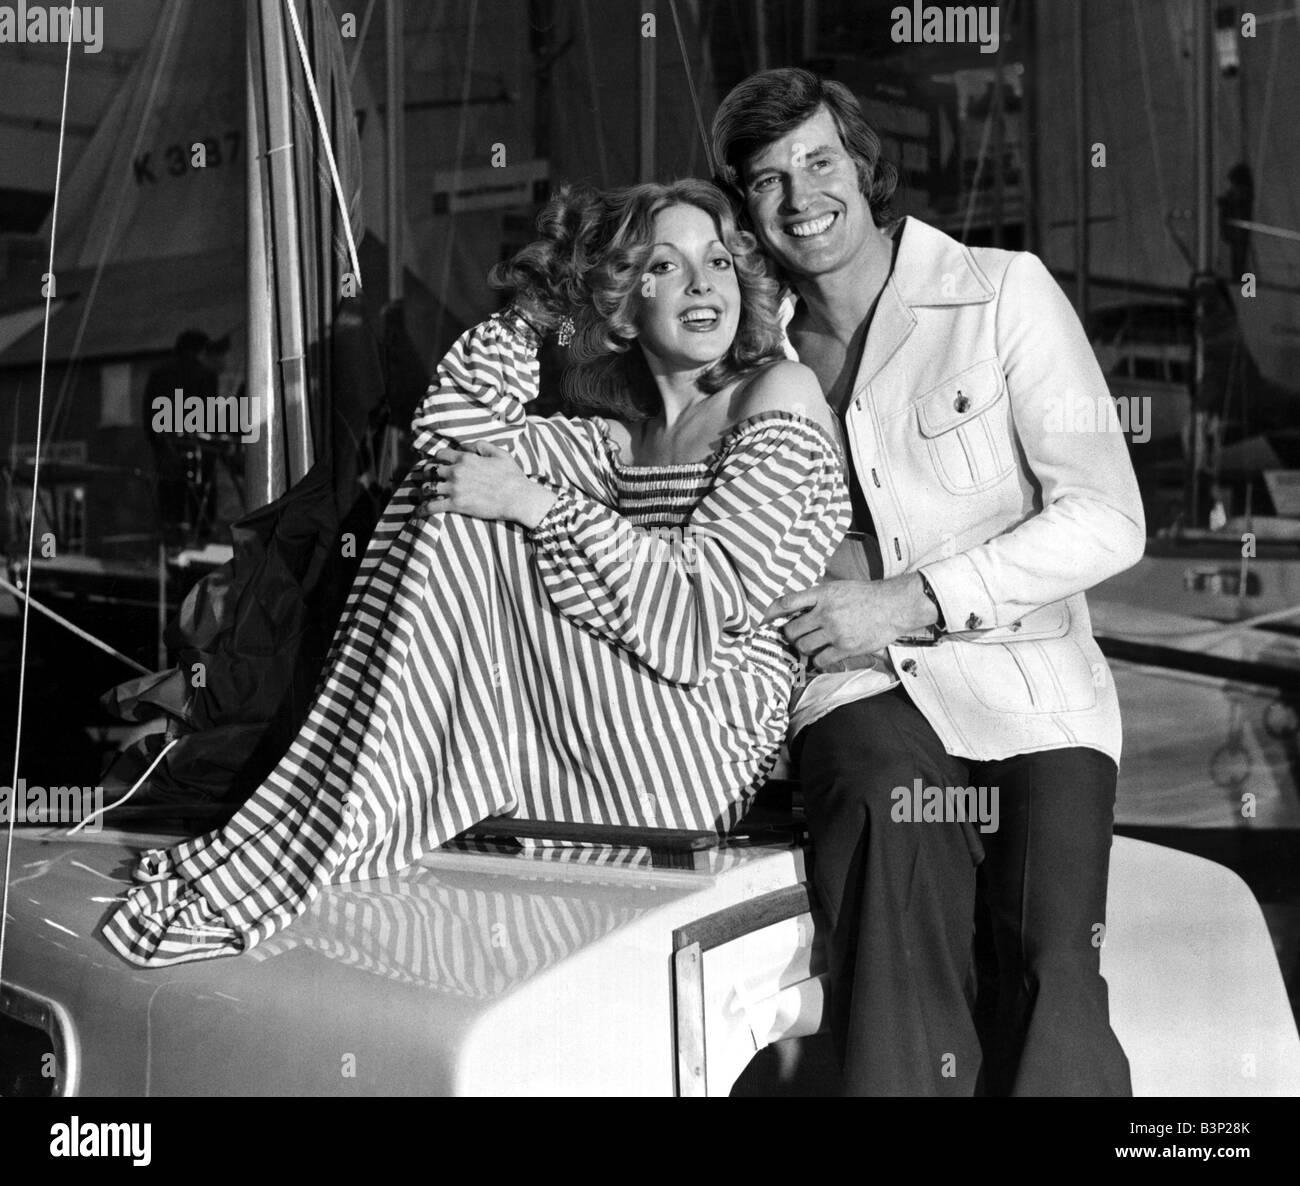 Hombre y mujer posando juntos en un barco que él está usando una chaqueta de safari lavable con pantalones Imagen De Stock